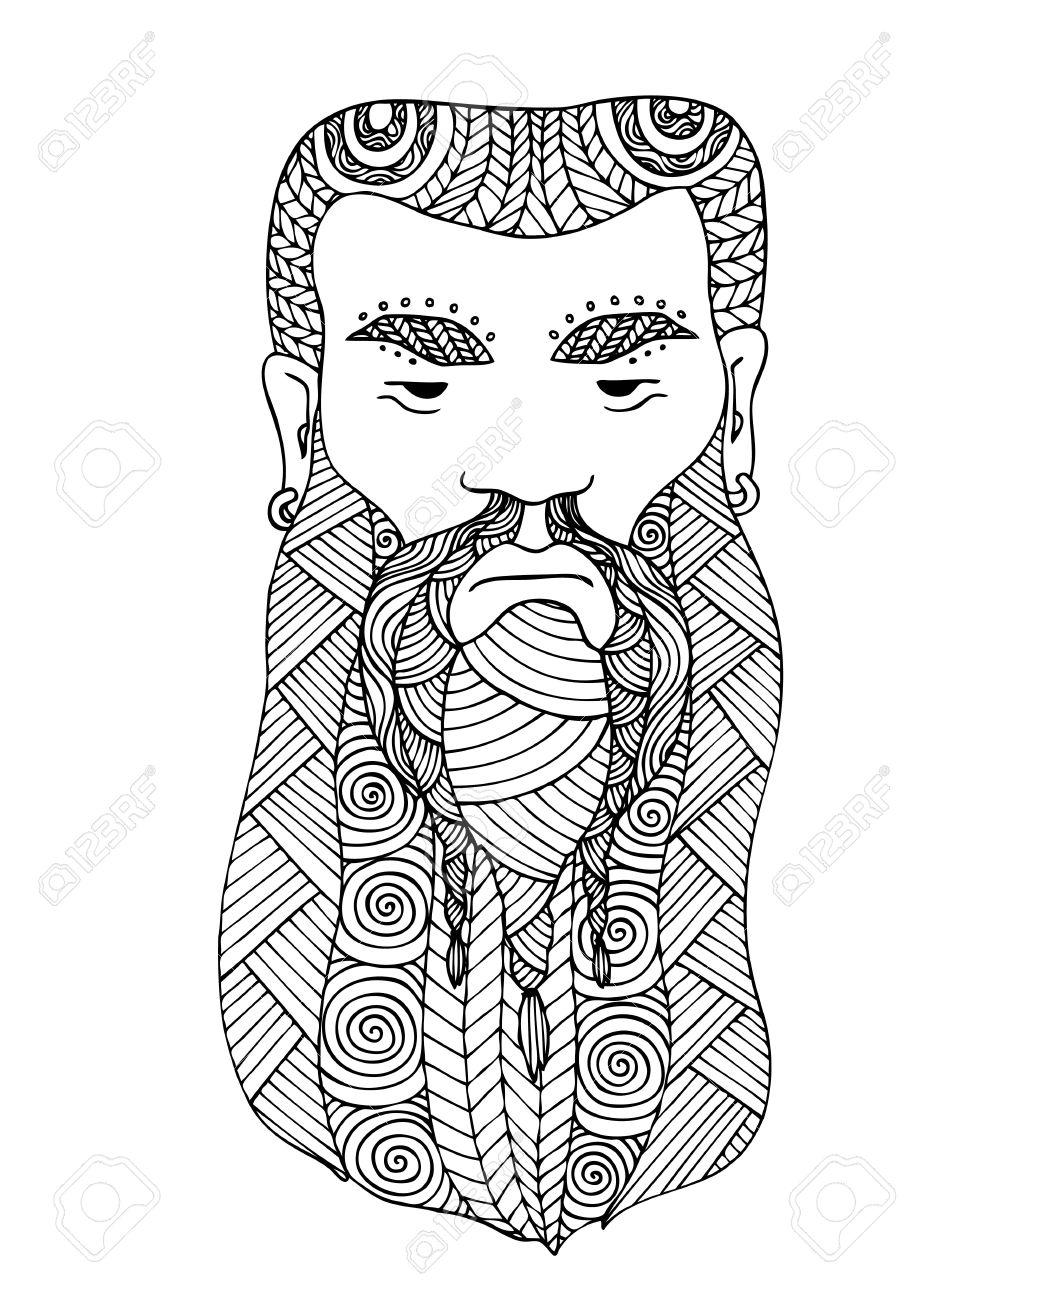 Diseño Adultos Libro De Colorear Con El Rostro De Un Vikingo ...